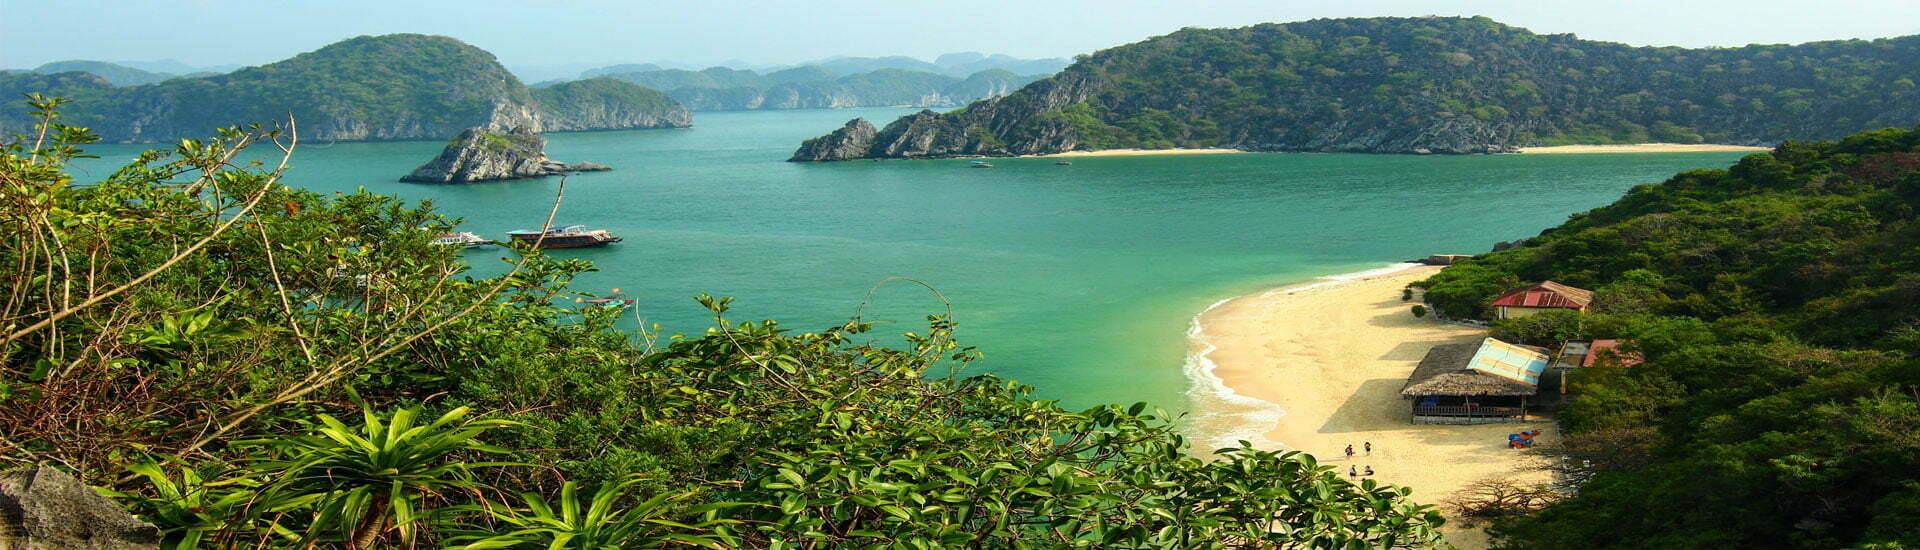 Plage à la baie d'Halong